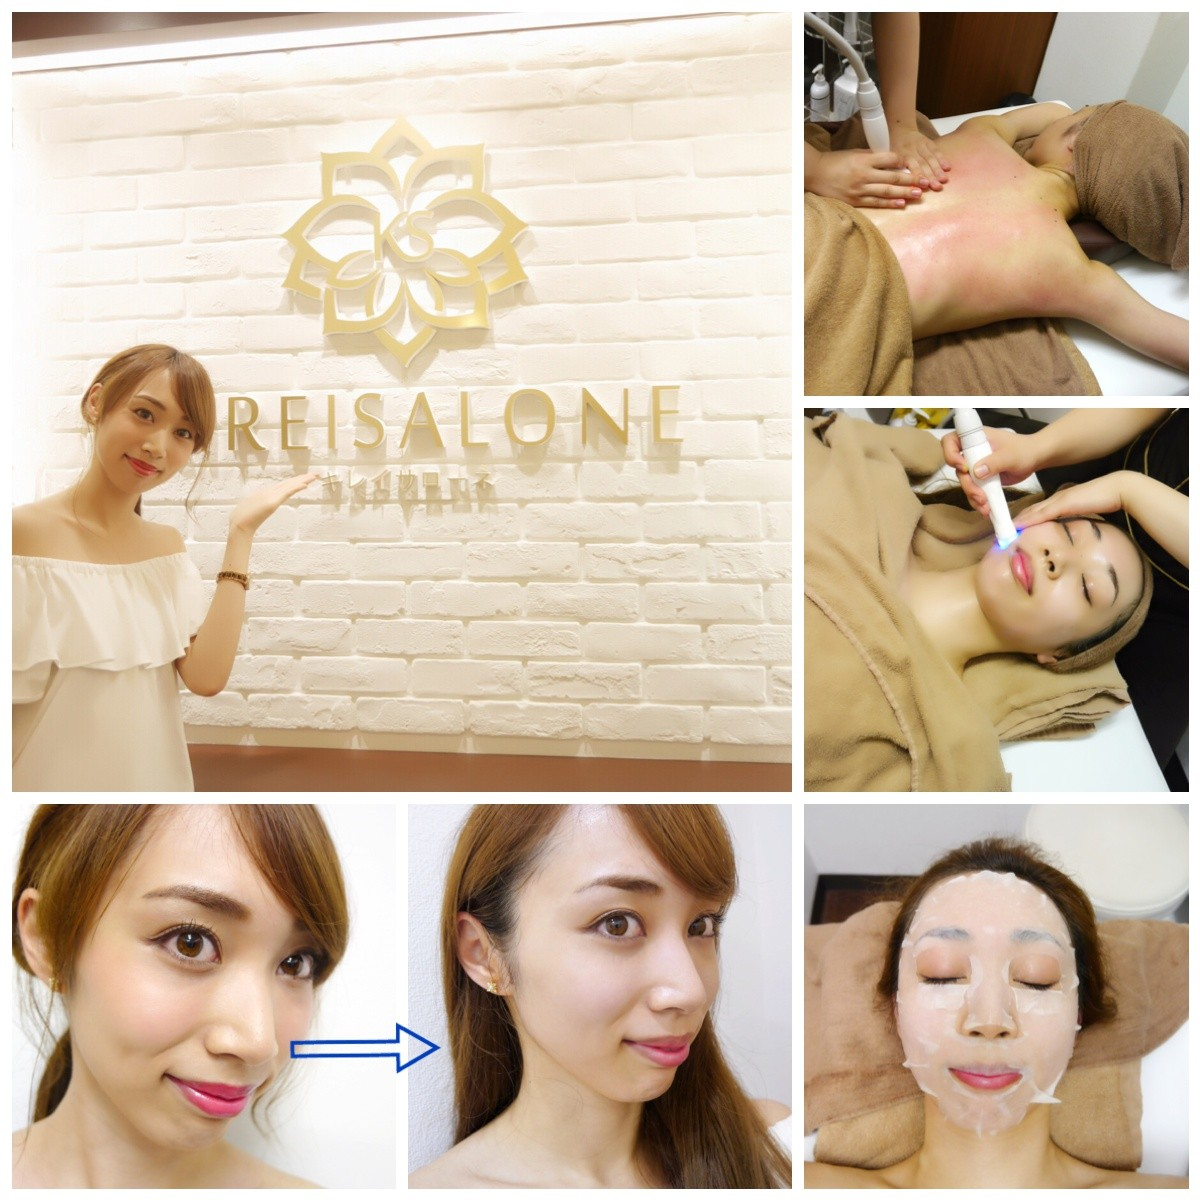 キレイサローネで小顔施術 最先端の全身美容アプローチを体験!